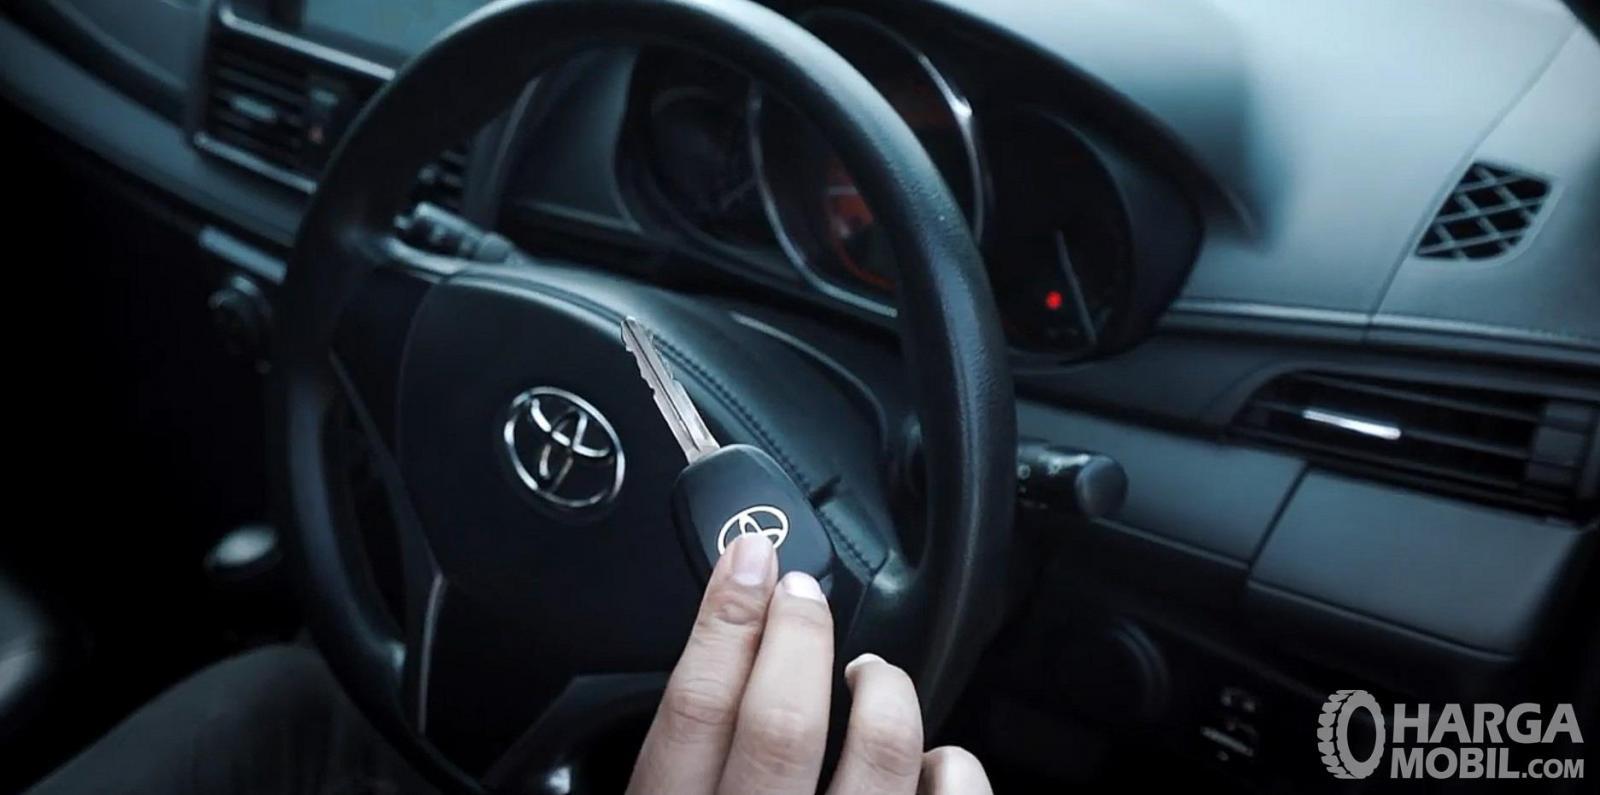 Fitur keselamatan Toyota Yaris G AT 2014 sudah menyediakan Immobilizer dan Security Alarm System